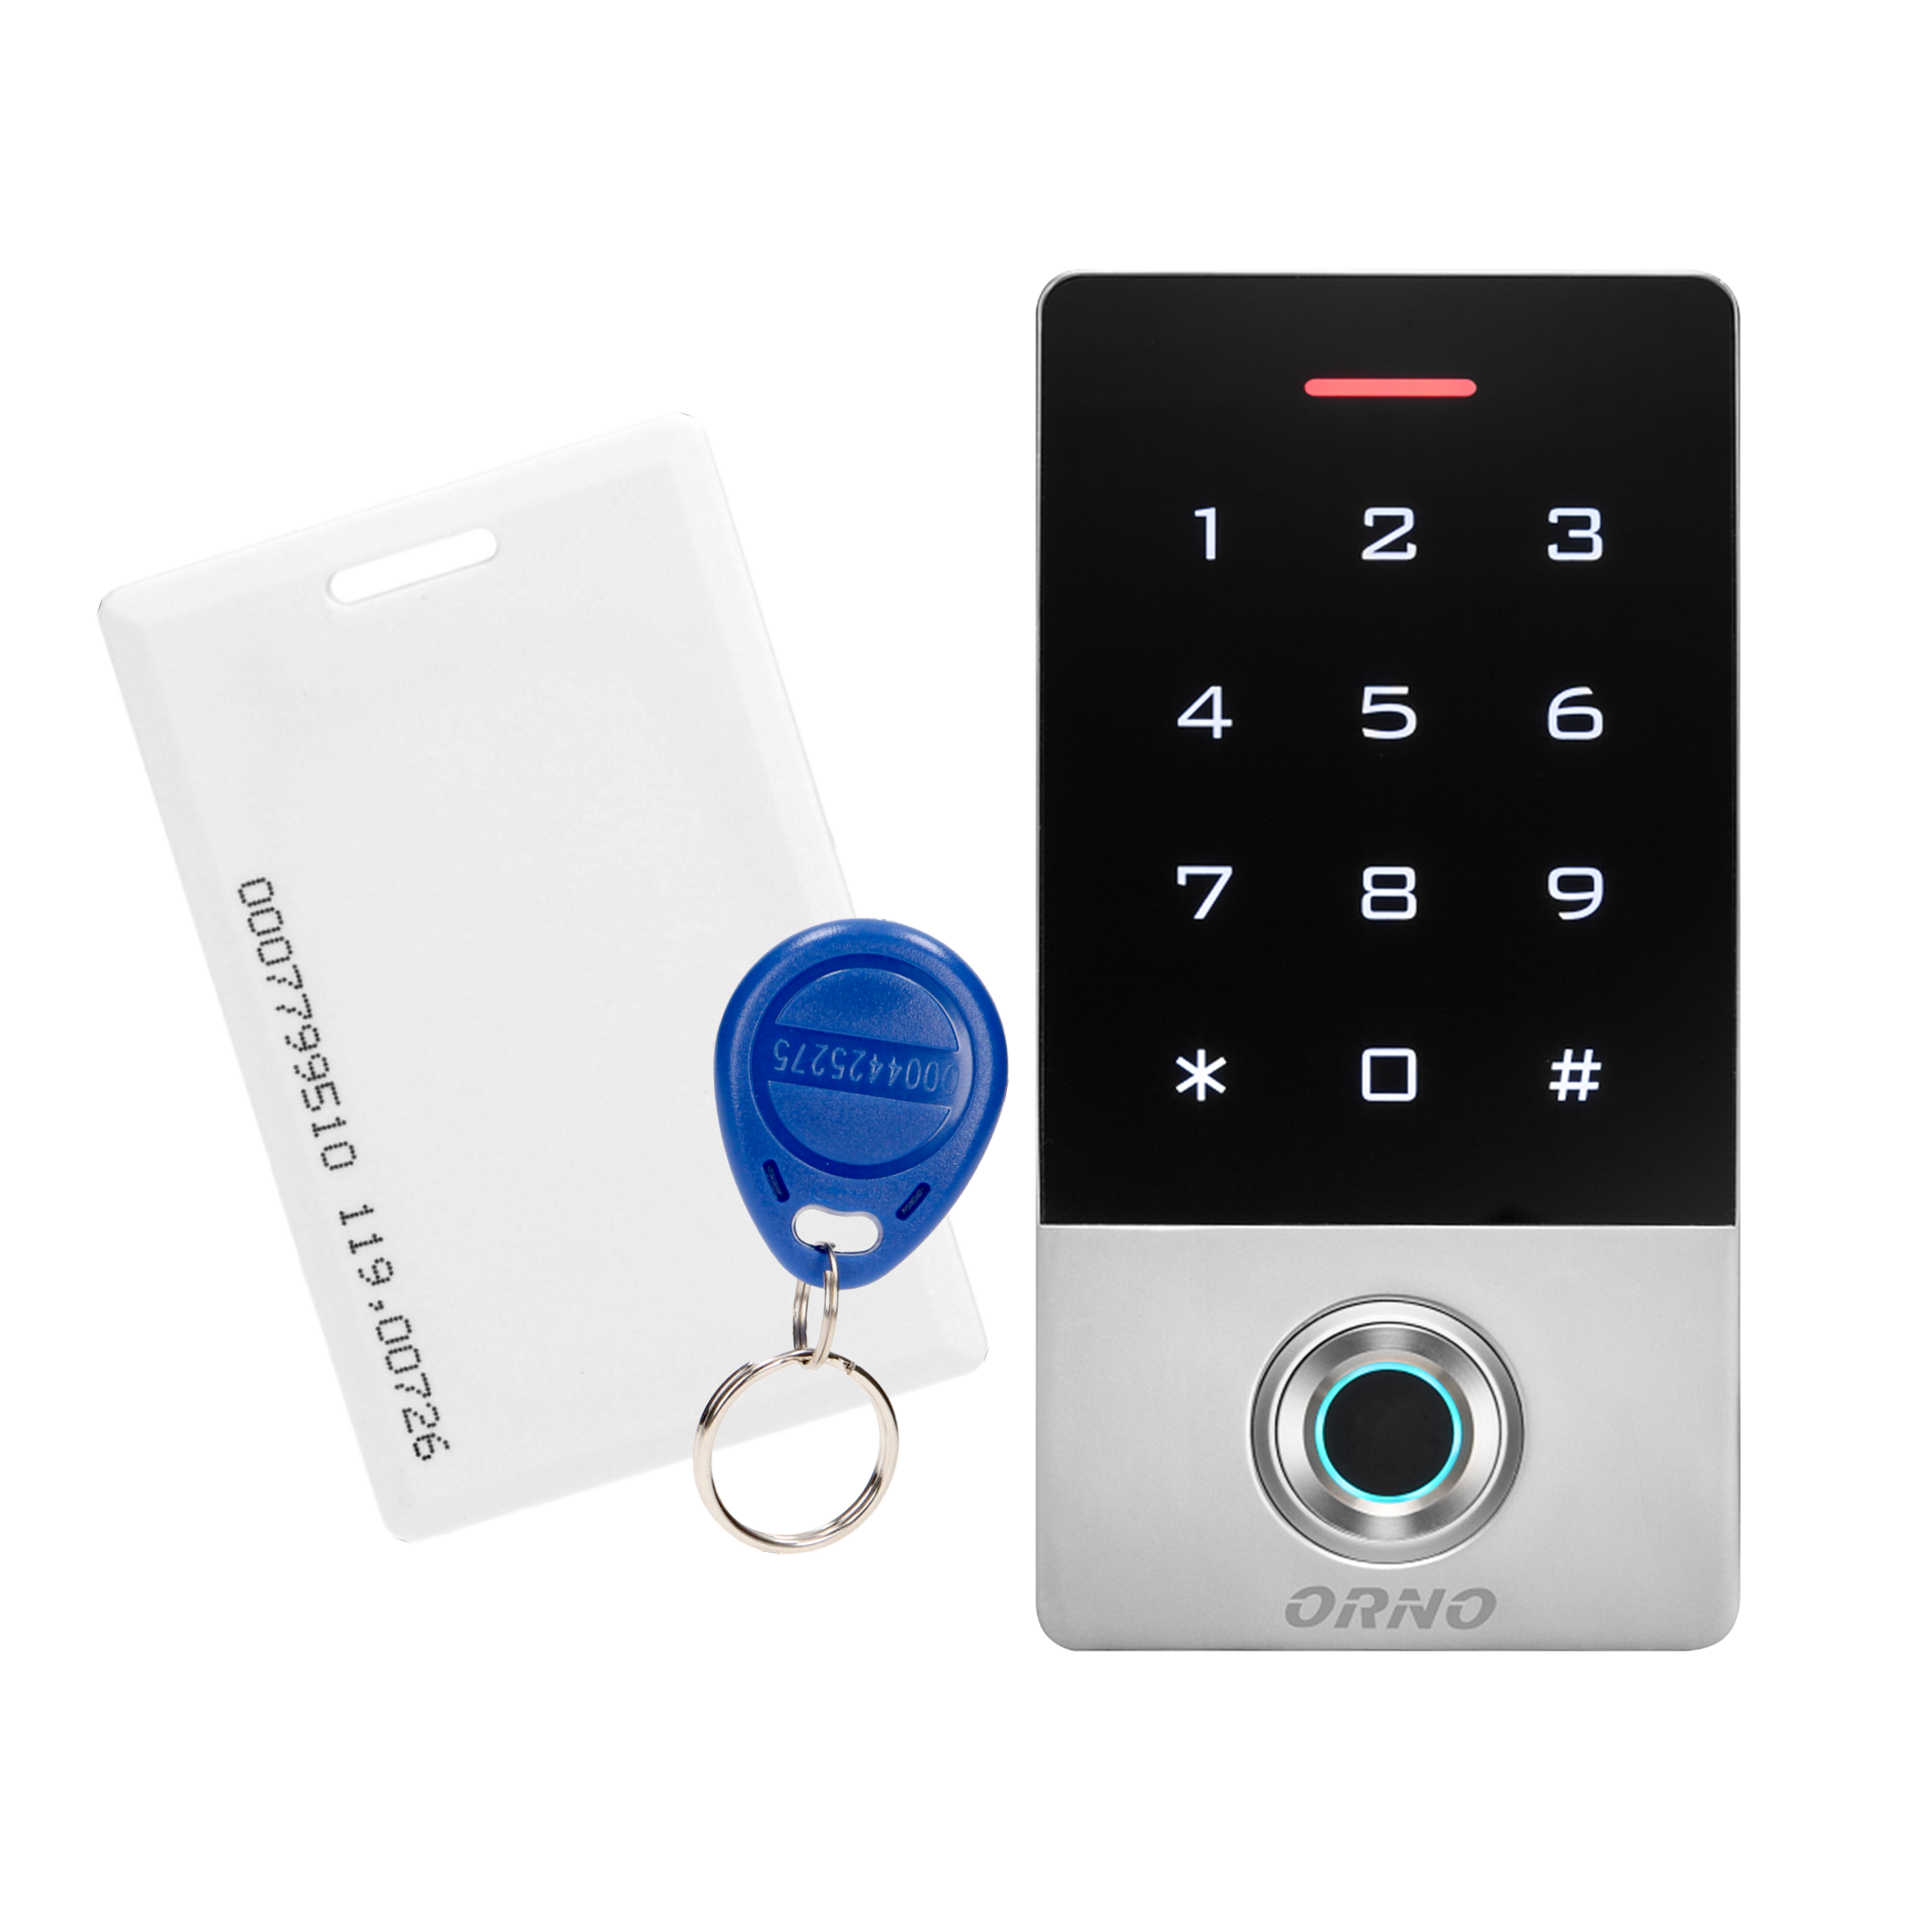 Zamek szyfrowy dotykowy, z czytnikiem kart i breloków zbliżeniowych oraz czytnikiem linii papilarnych, IP68, 1 przekaźnik 3A